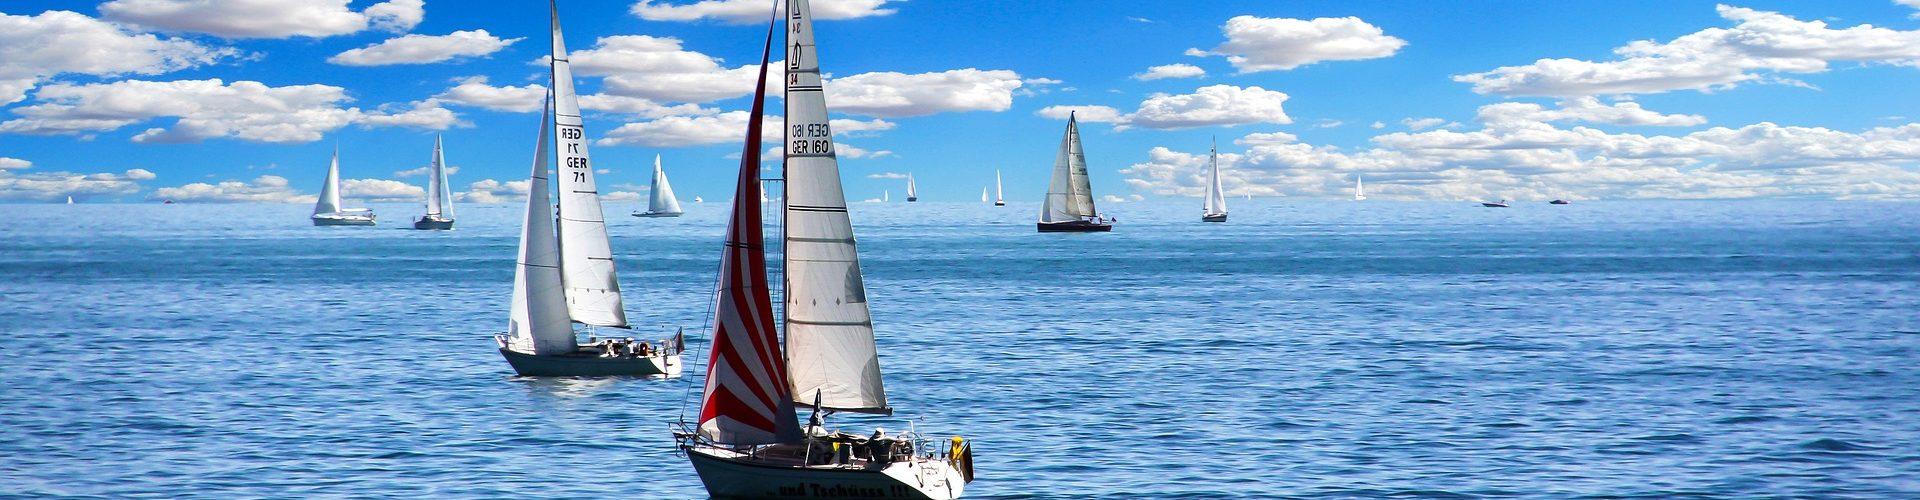 segeln lernen in Ehingen am Ries segelschein machen in Ehingen am Ries 1920x500 - Segeln lernen in Ehingen am Ries